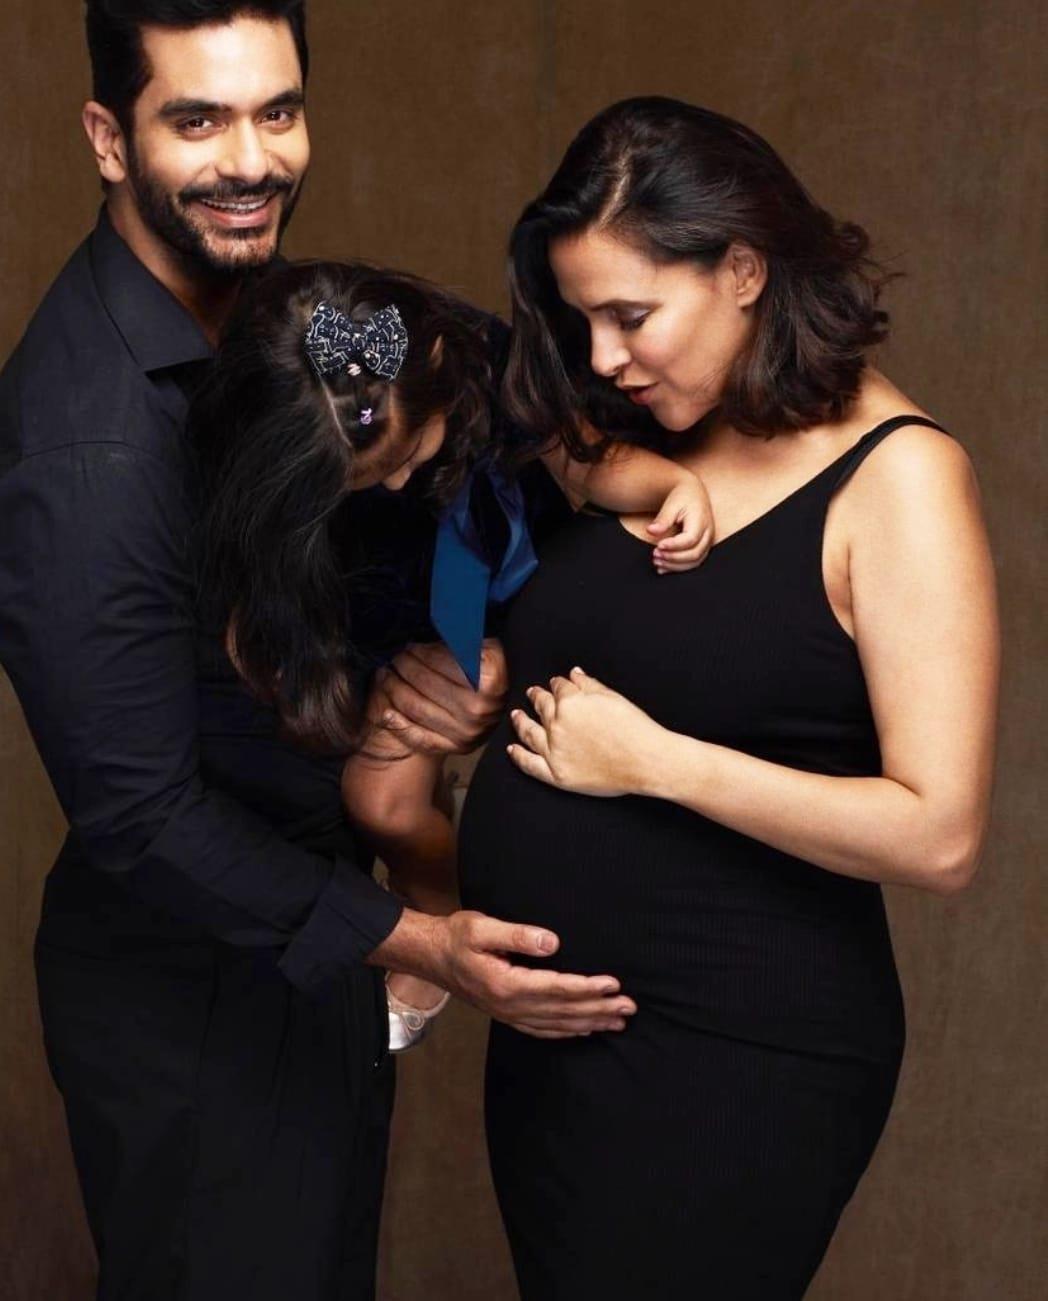 नेहा धूपिया दूसरी बार बनने वाली हैं मां, सोशल मीडिया पर साझा की जानकारी